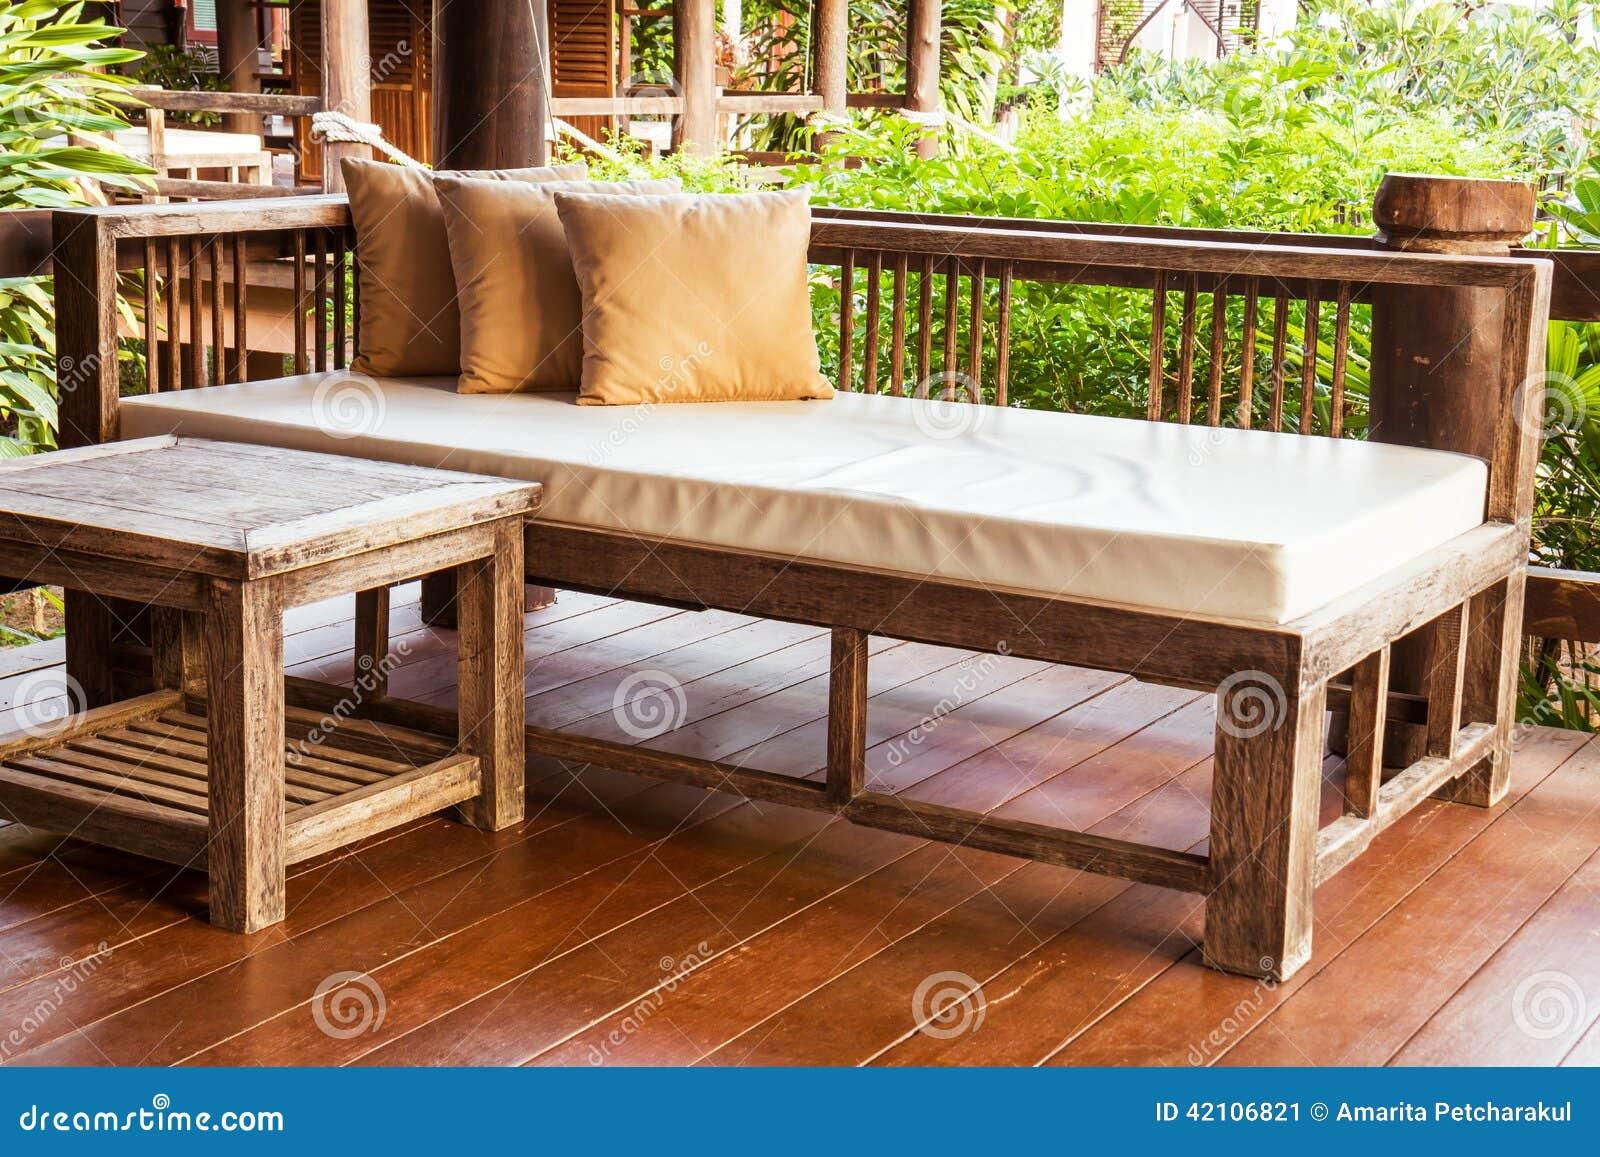 kussens op houten bank met kunstlederzetel stock